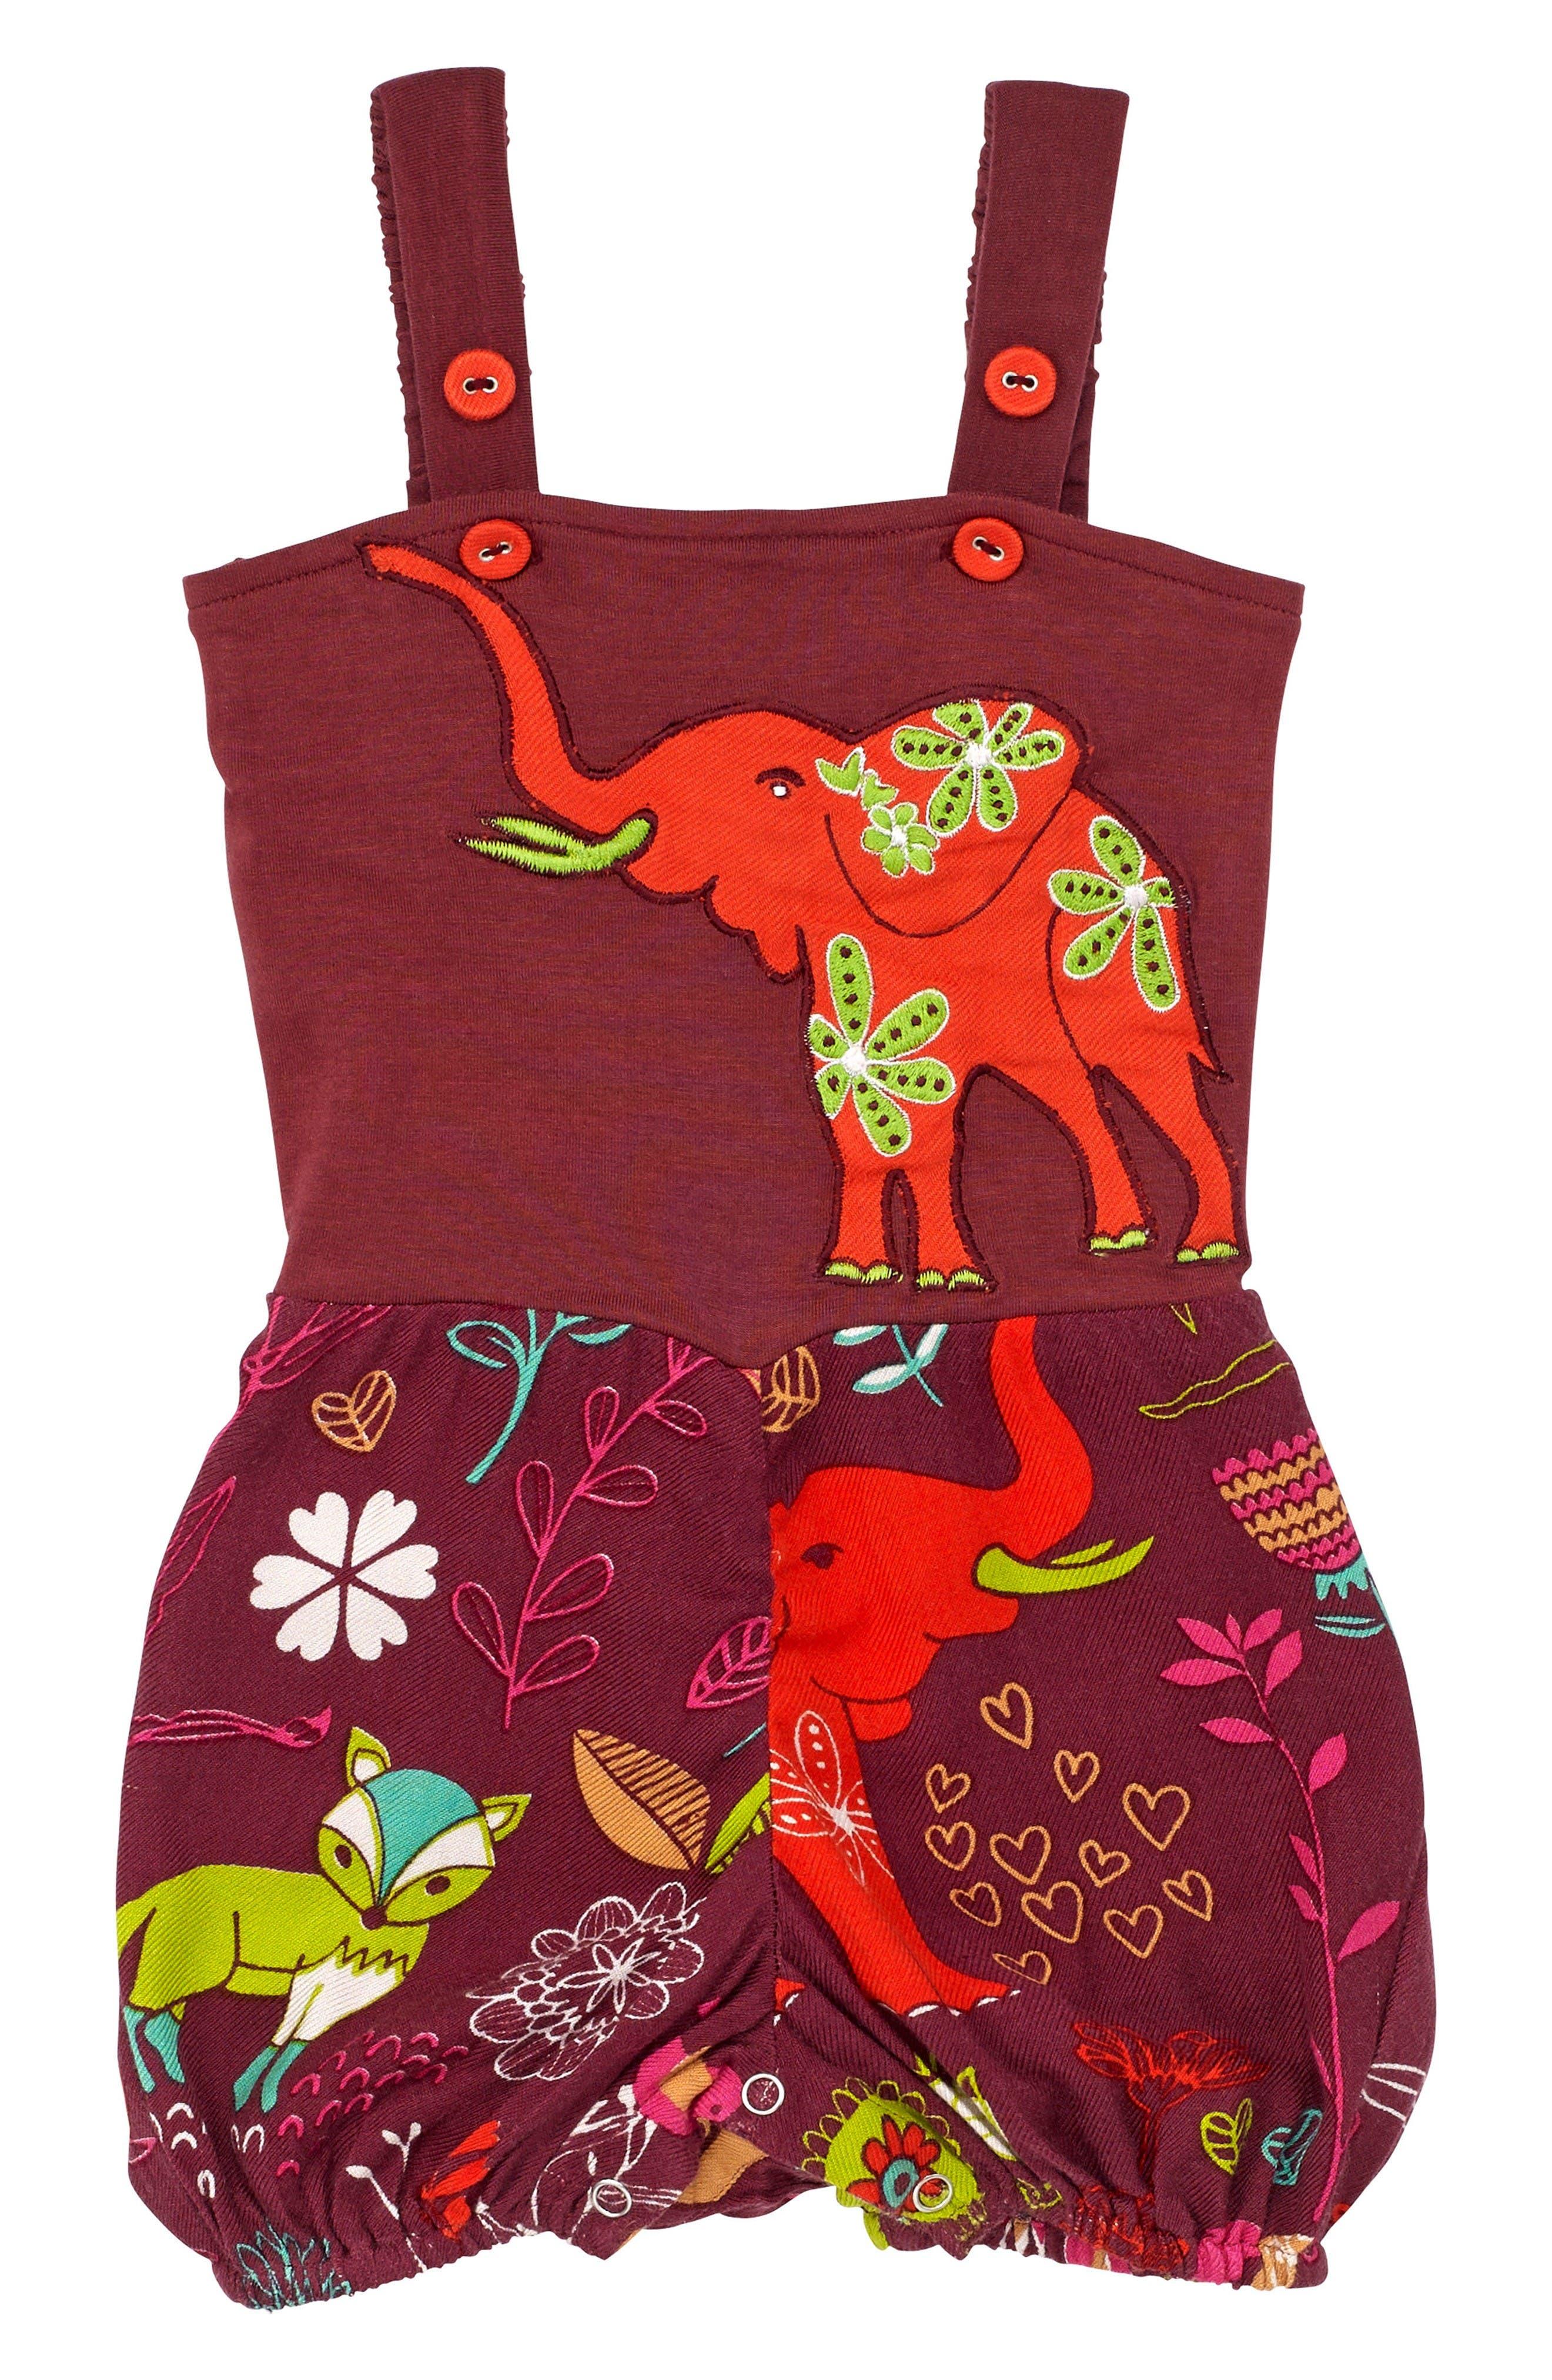 Elephant Rubble Romper,                         Main,                         color, Burgundy